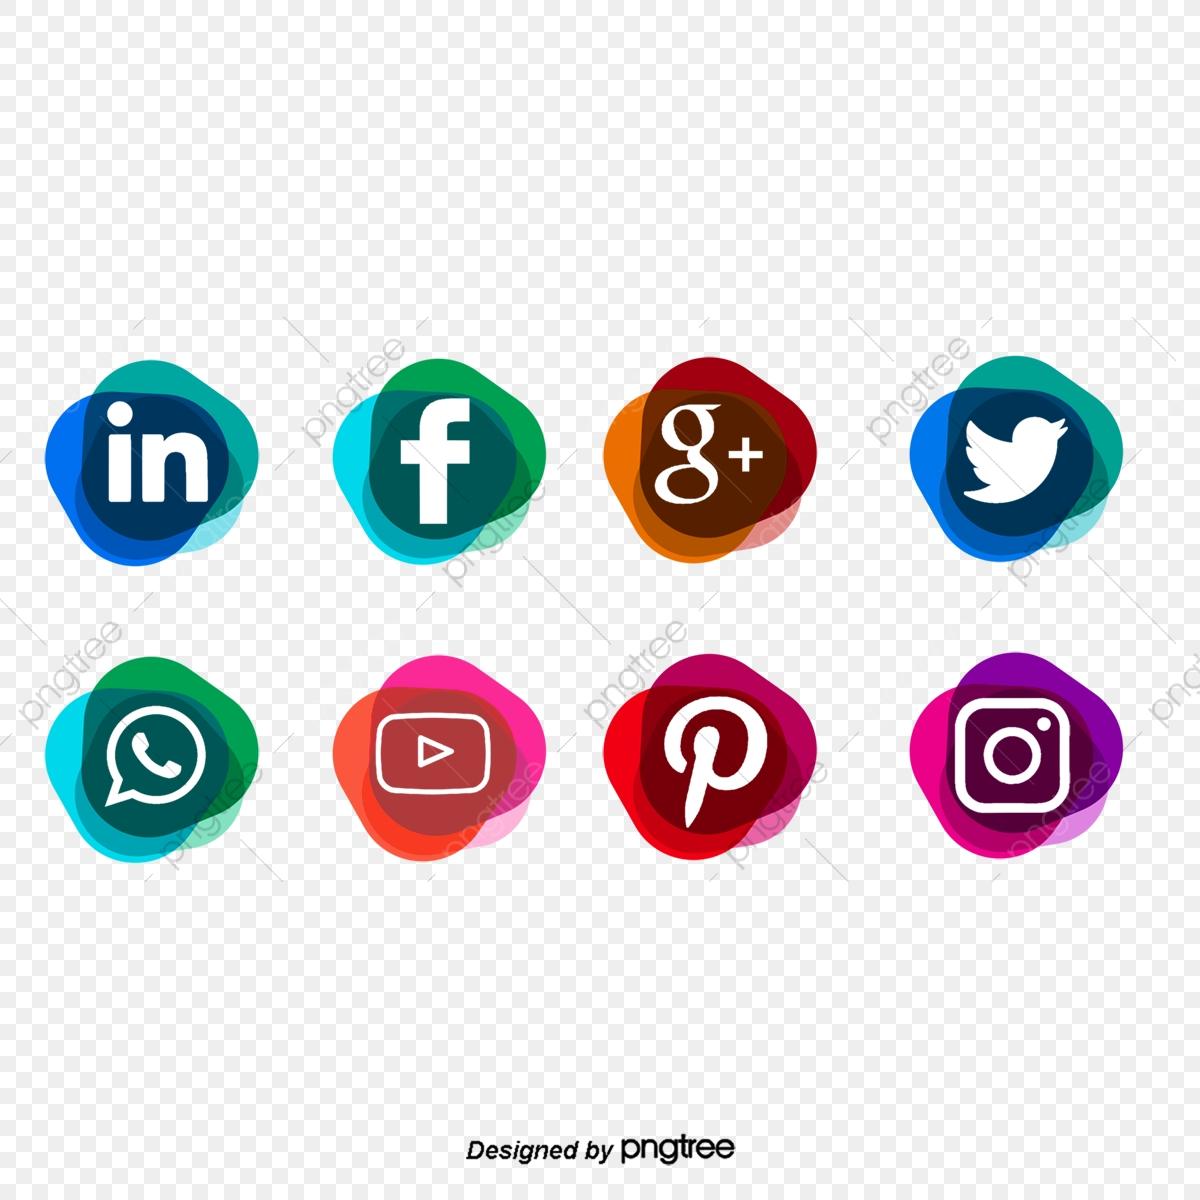 Fashion Gradual Social Media Icons, Social Media Icons, Social Media.